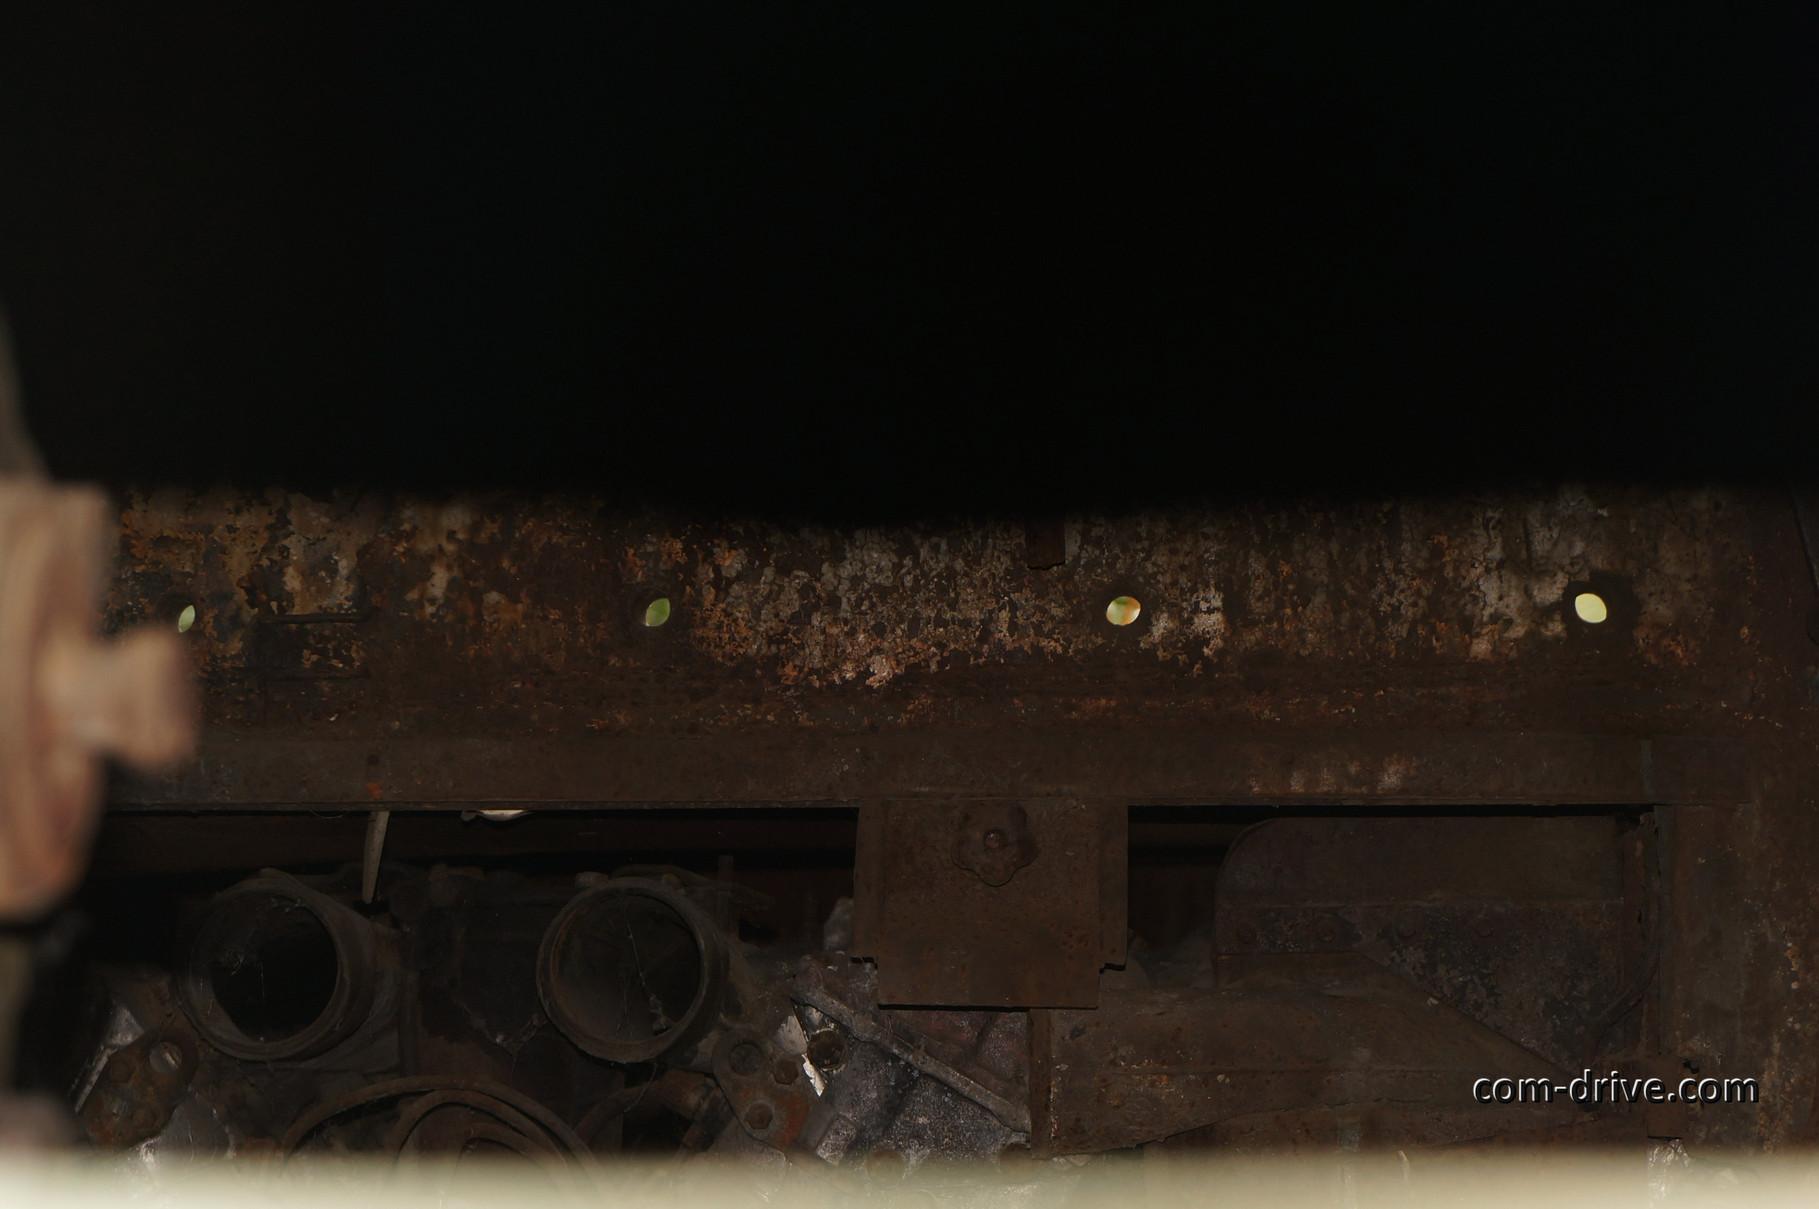 А внутри пустота... Даже перегородка, разделяющая боевое и моторное отделения, отсутствует